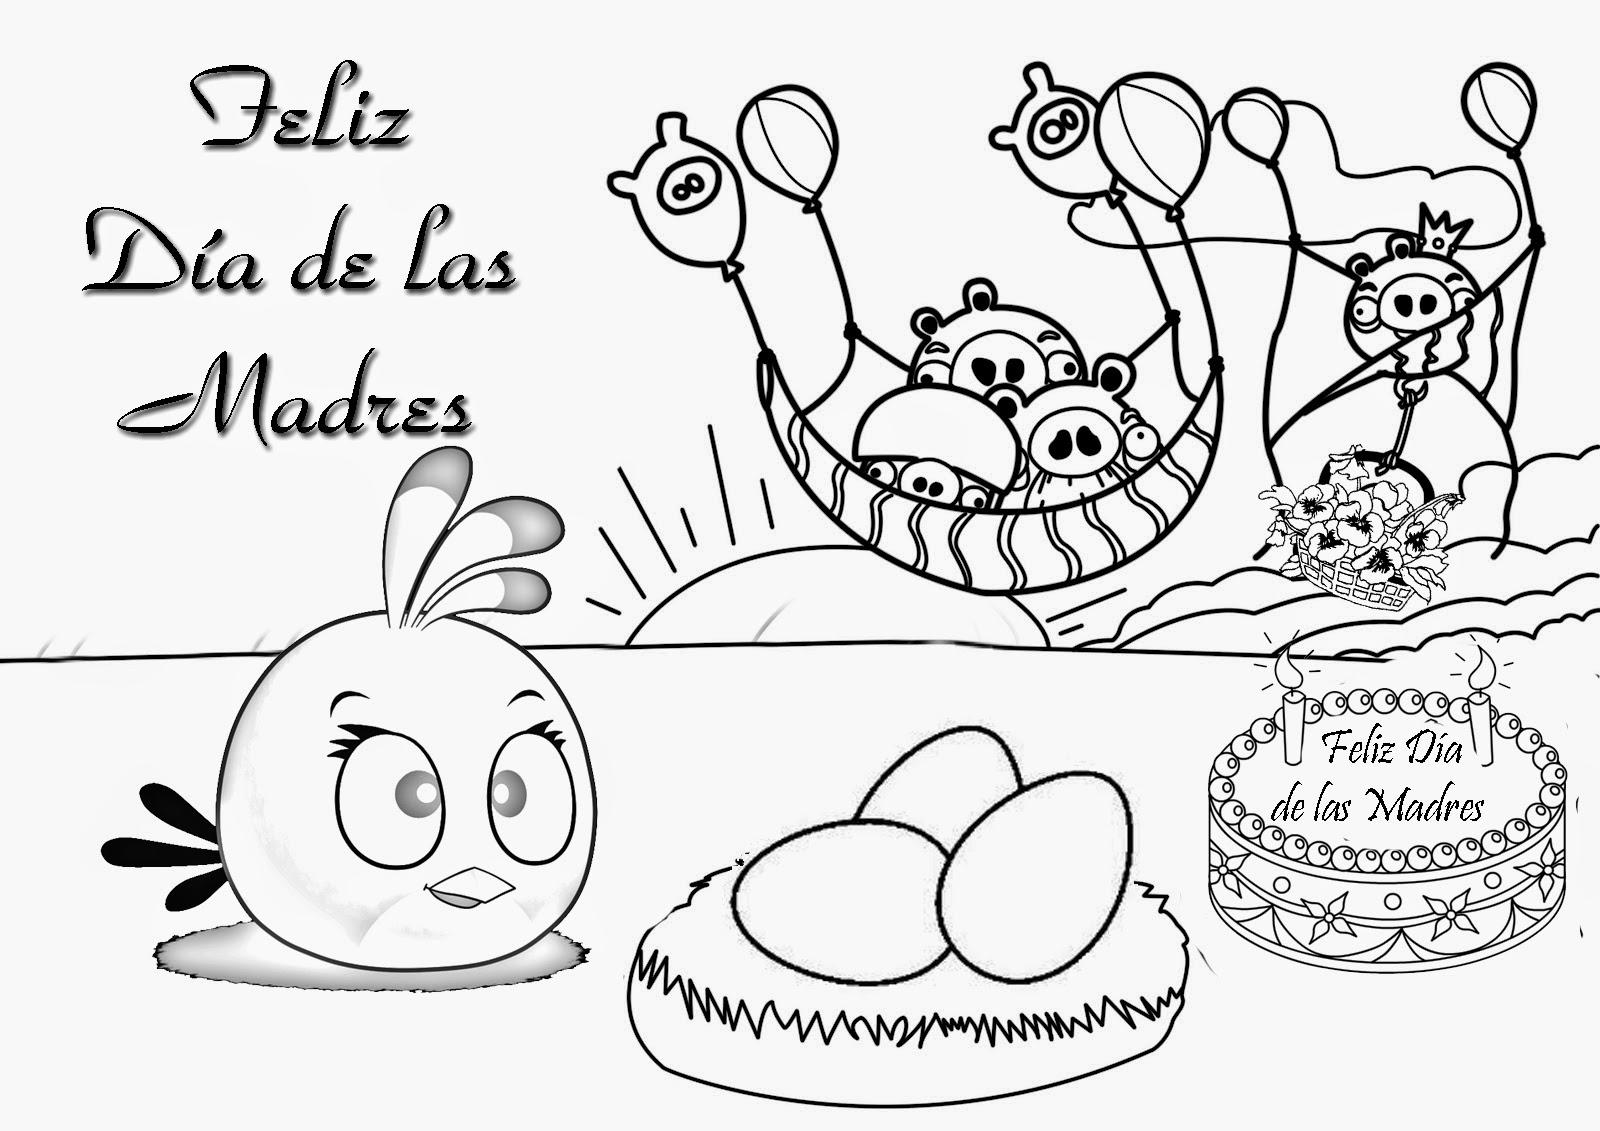 Banco de Imagenes y fotos gratis Dibujos Dia de la Madre para